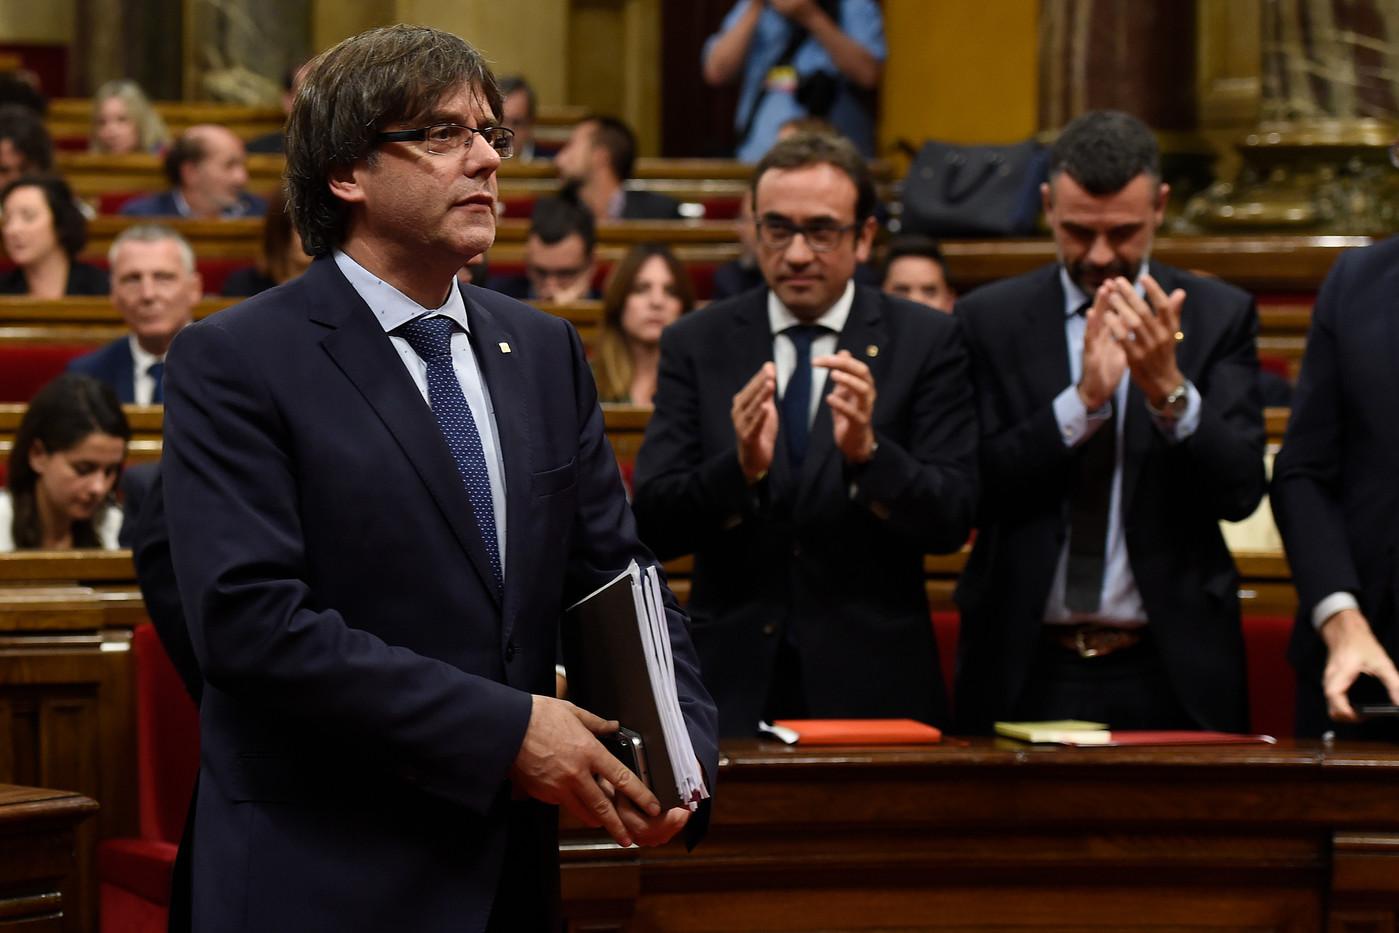 Le parlement de Catalogne déclare l'indépendance